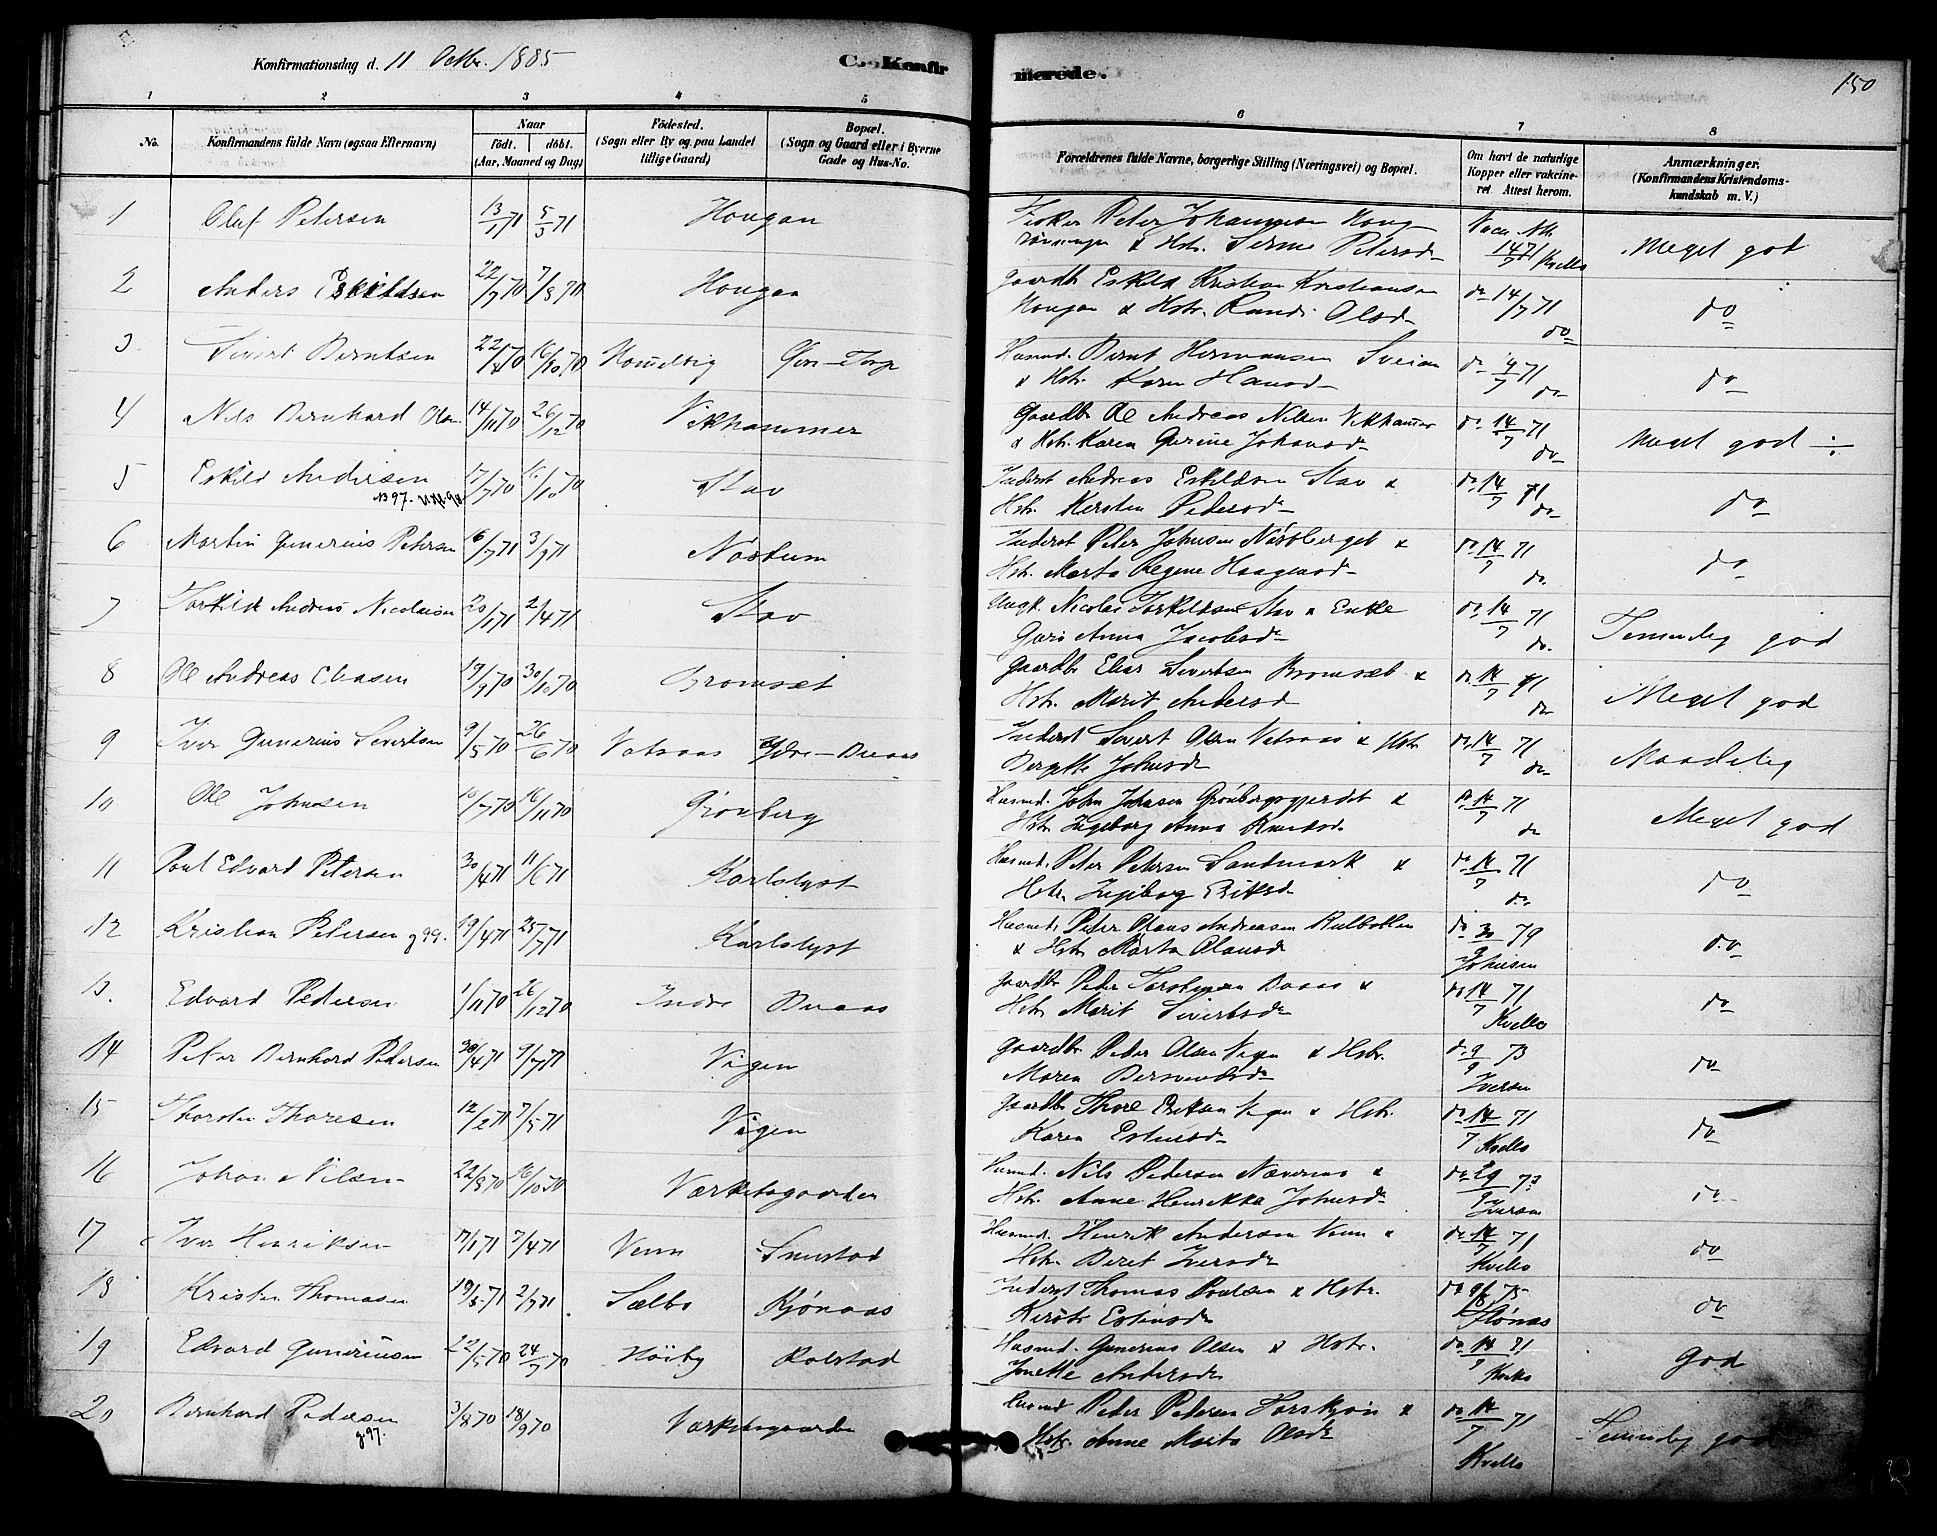 SAT, Ministerialprotokoller, klokkerbøker og fødselsregistre - Sør-Trøndelag, 616/L0410: Ministerialbok nr. 616A07, 1878-1893, s. 150